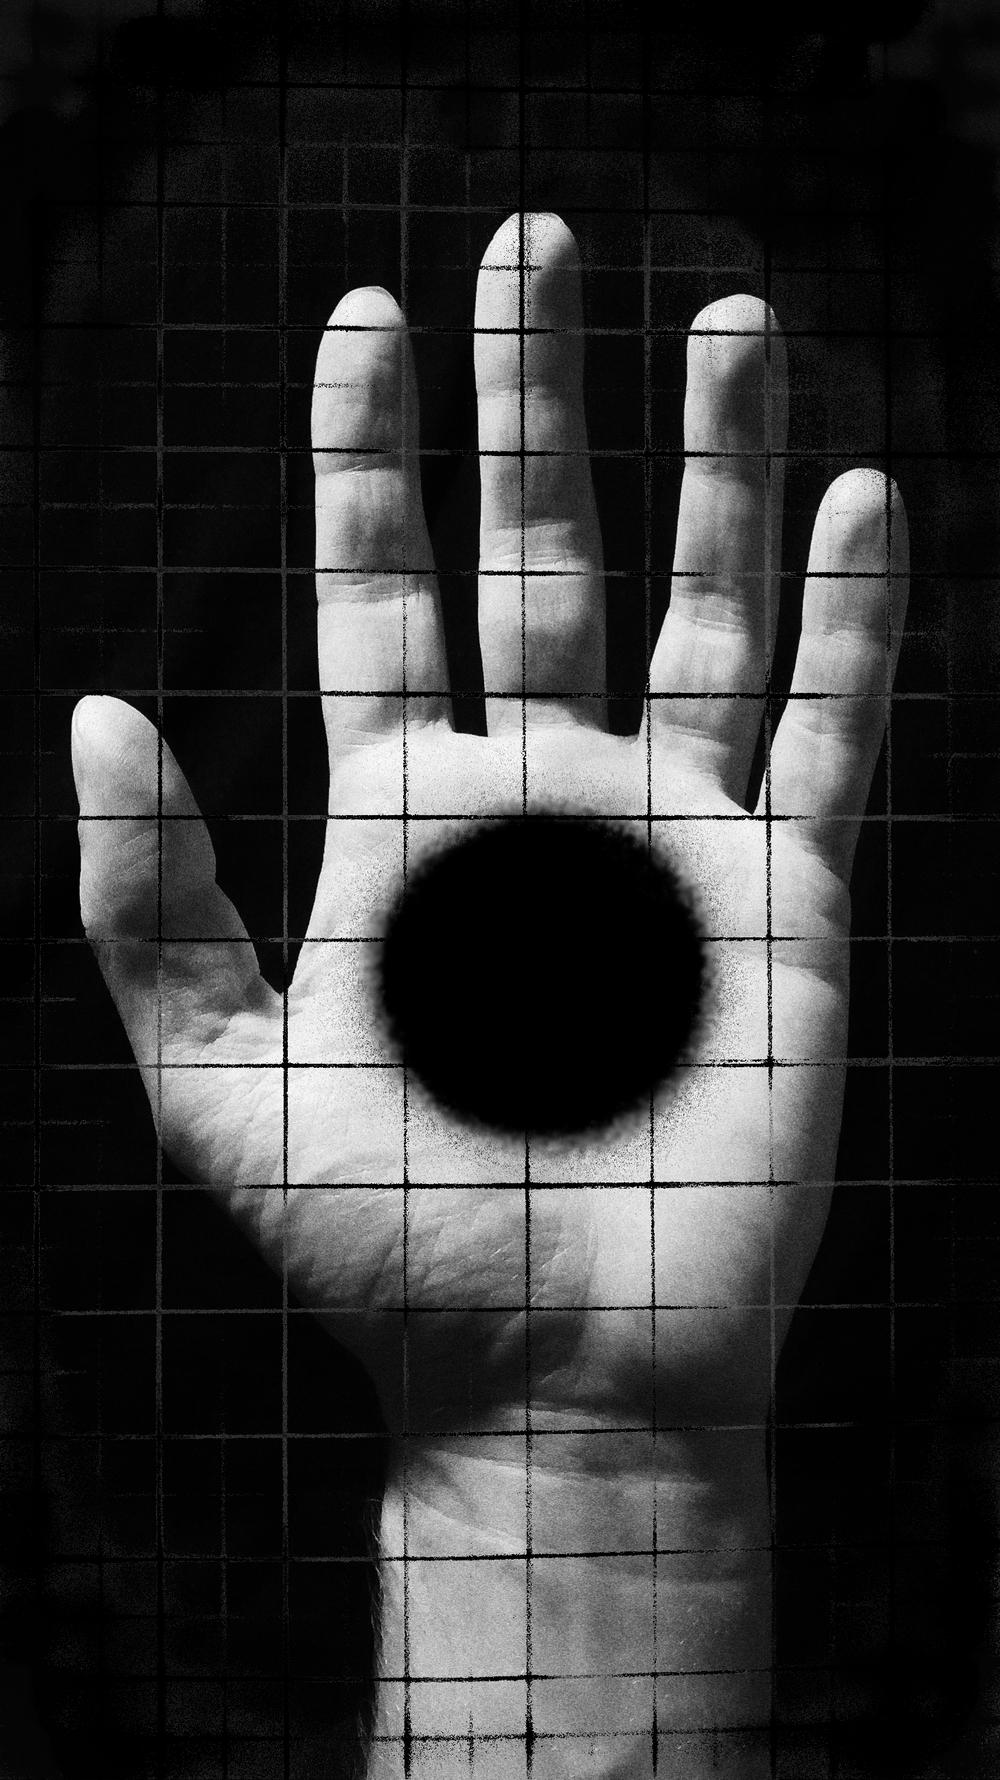 Nigredo Hand I, 2015